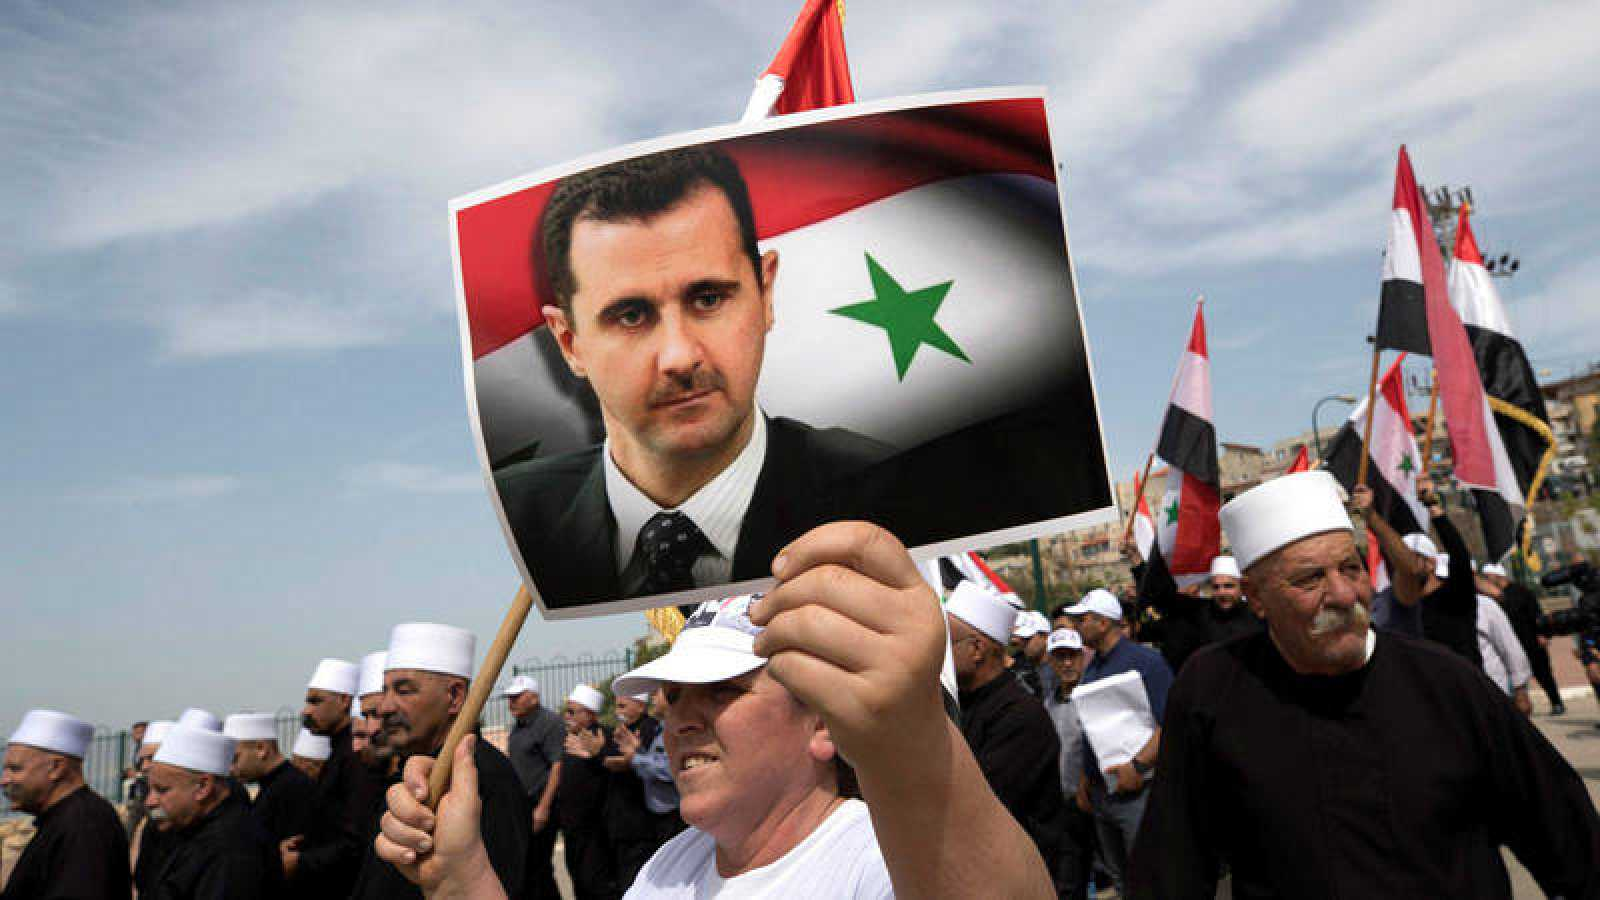 EE.UU. impone sanciones contra individuos y entidades por apoyar a Al Asad